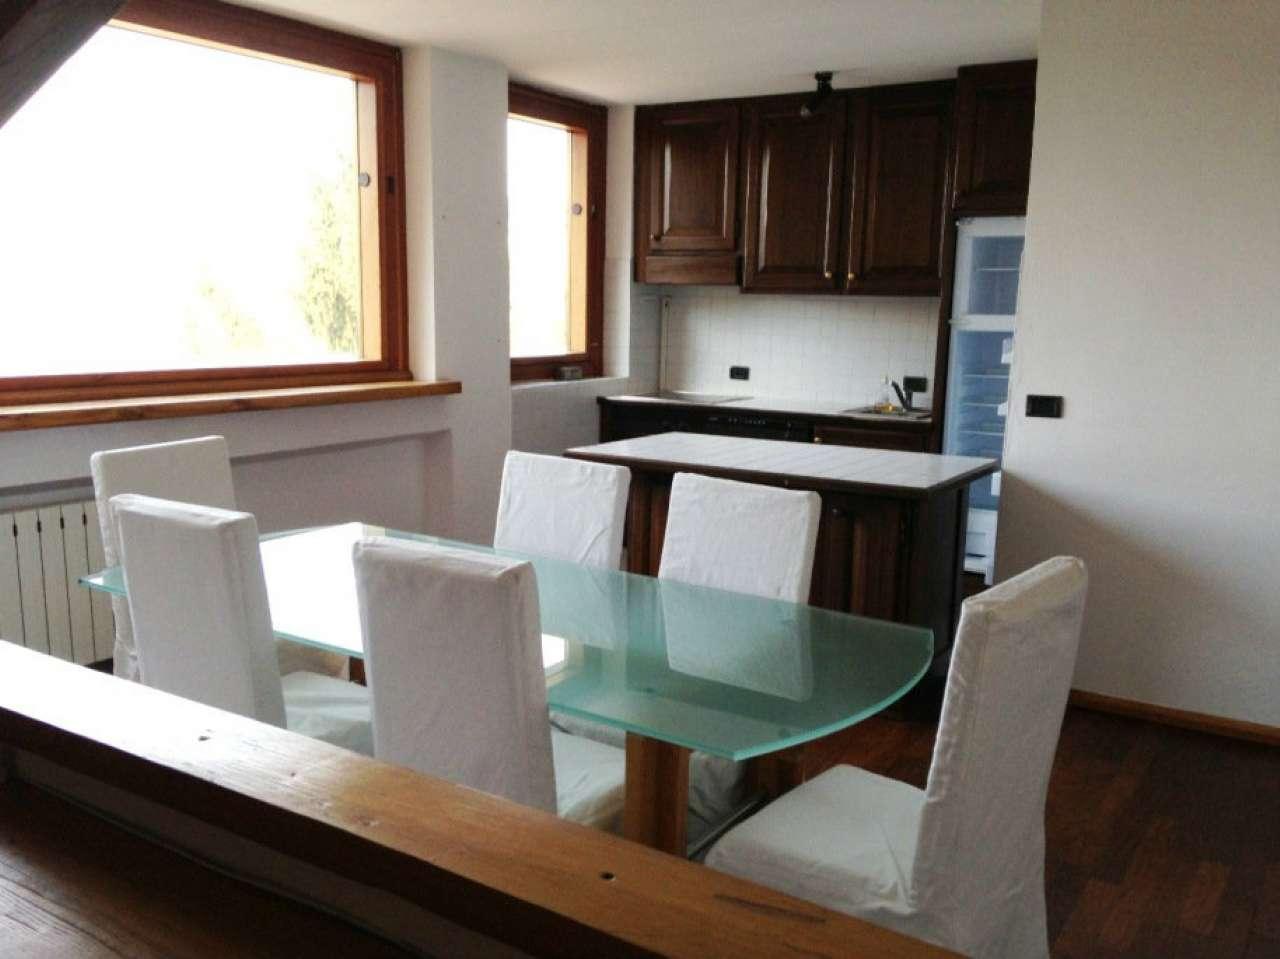 Appartamento in affitto a Moncalieri, 3 locali, prezzo € 800 | Cambio Casa.it